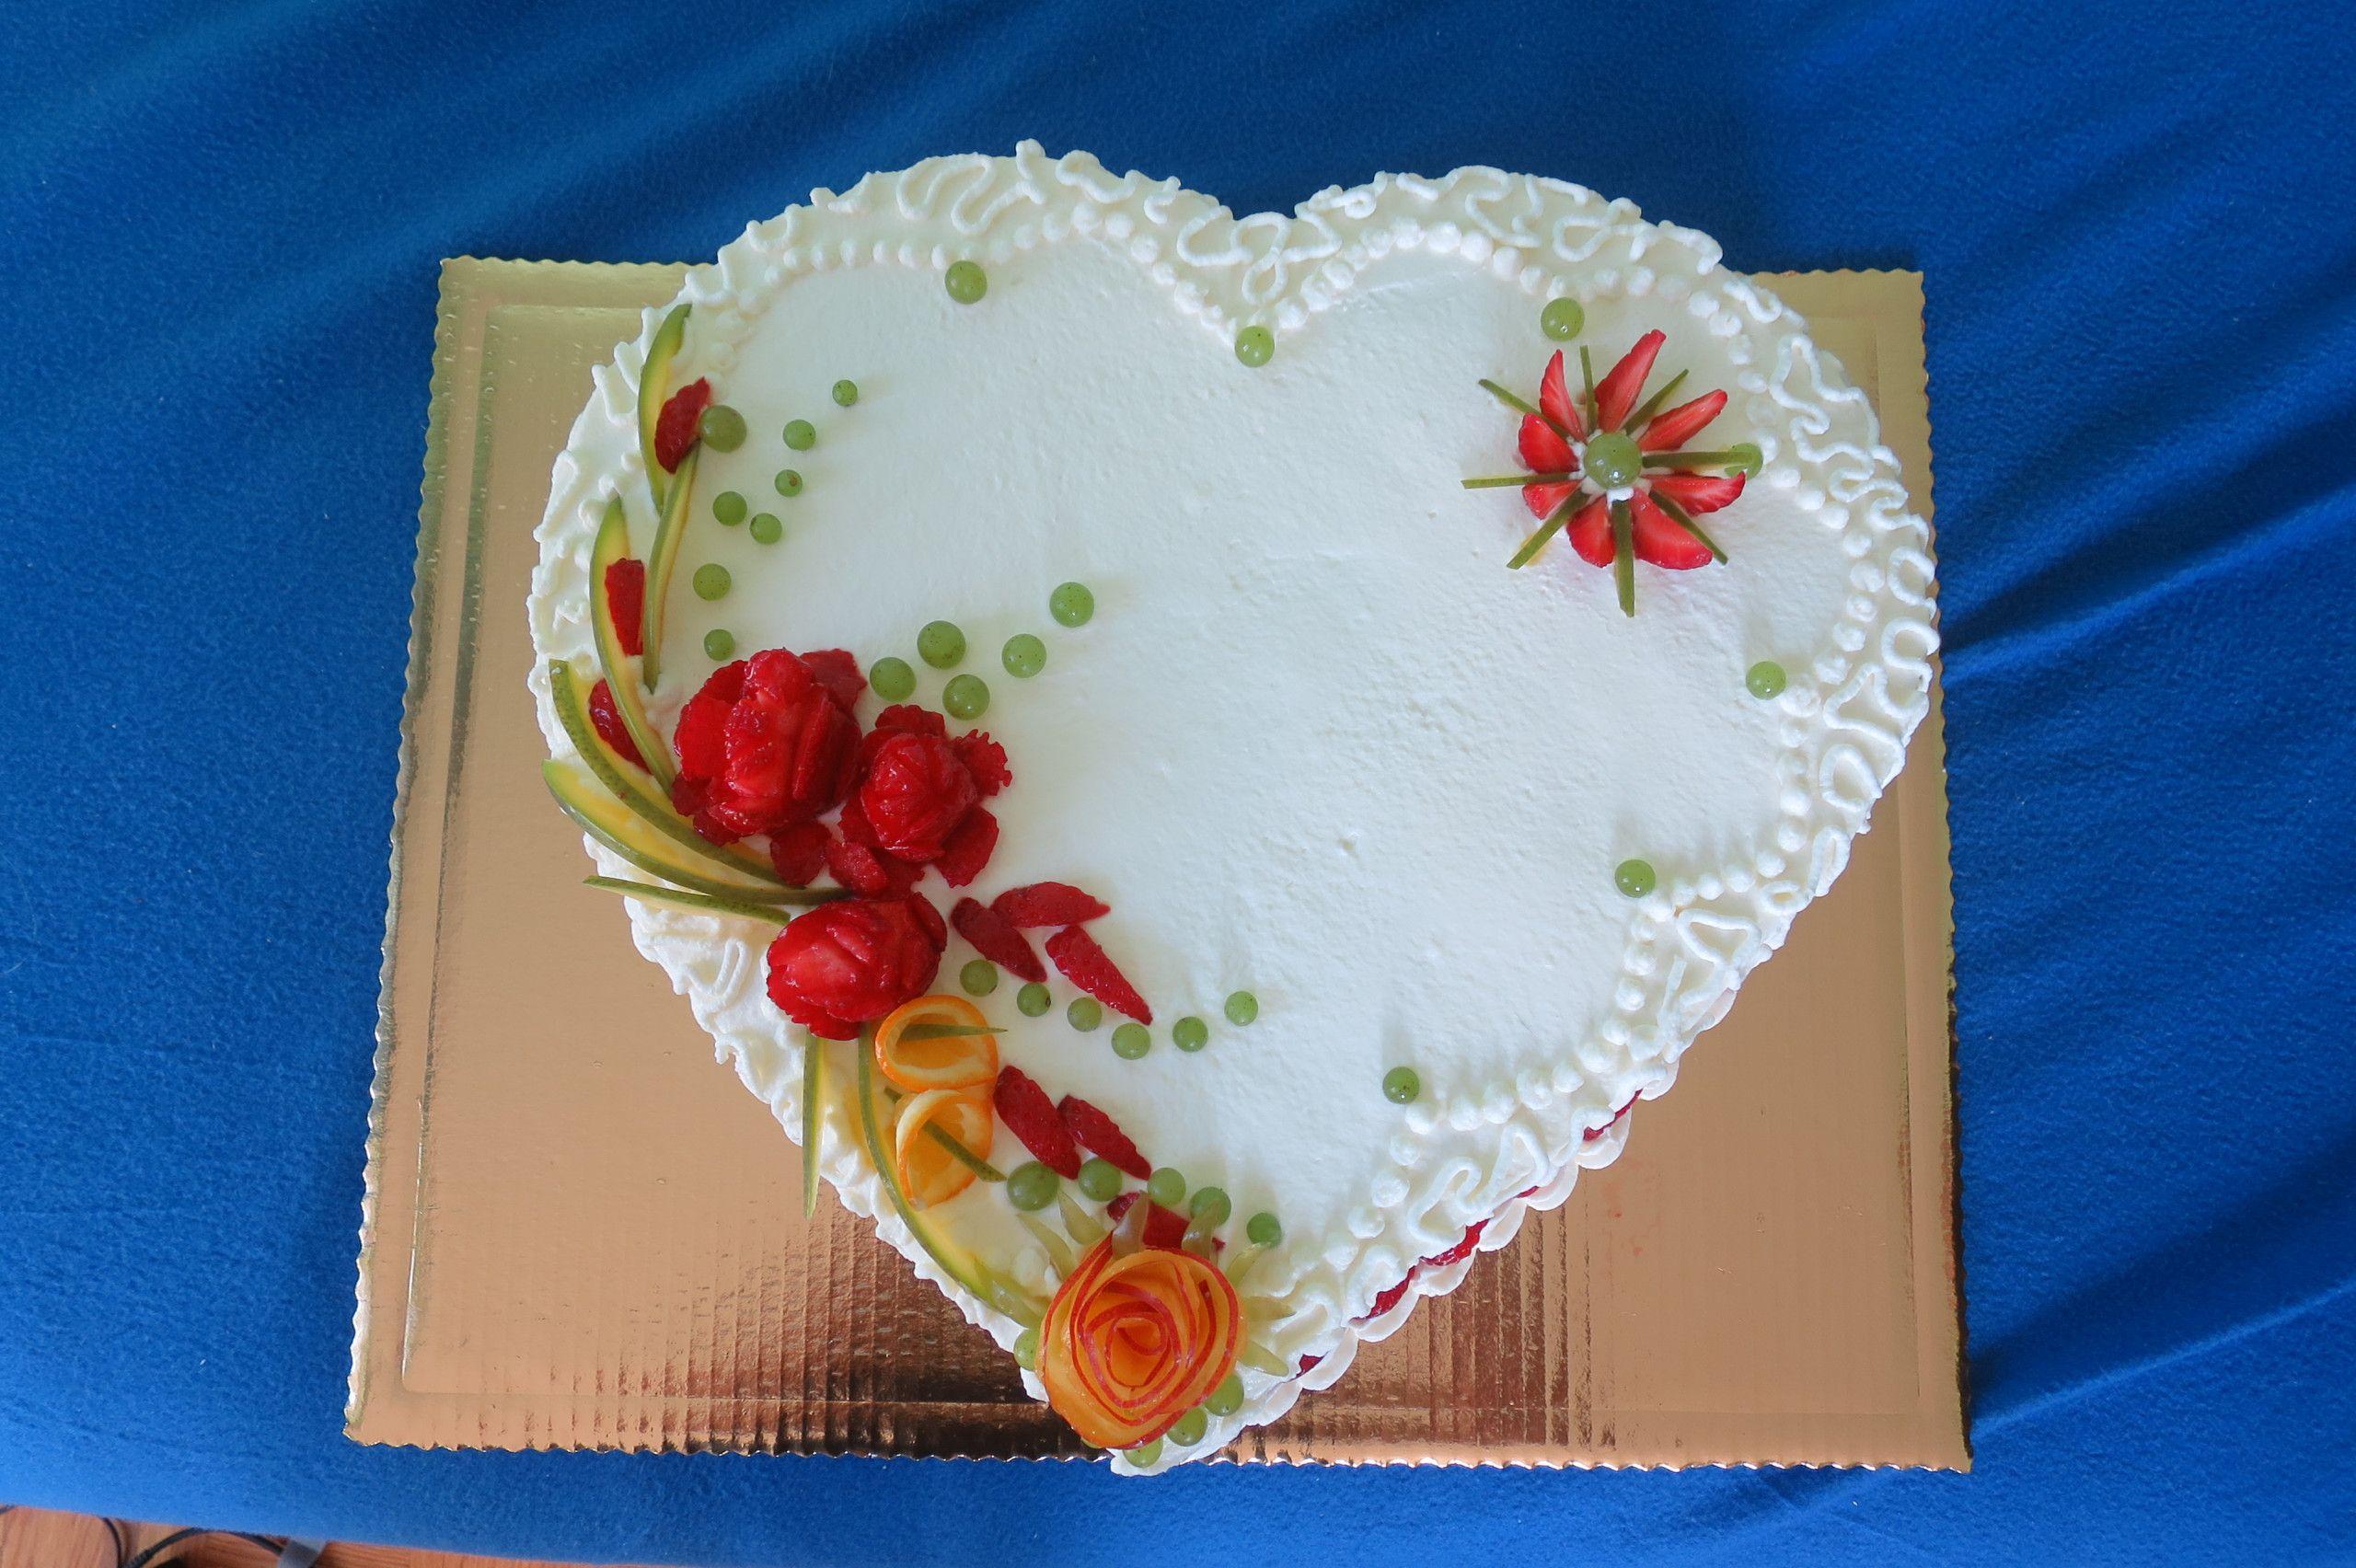 Tort Z Owocami Proste I Smaczne Uroki Lata Jelonkacom